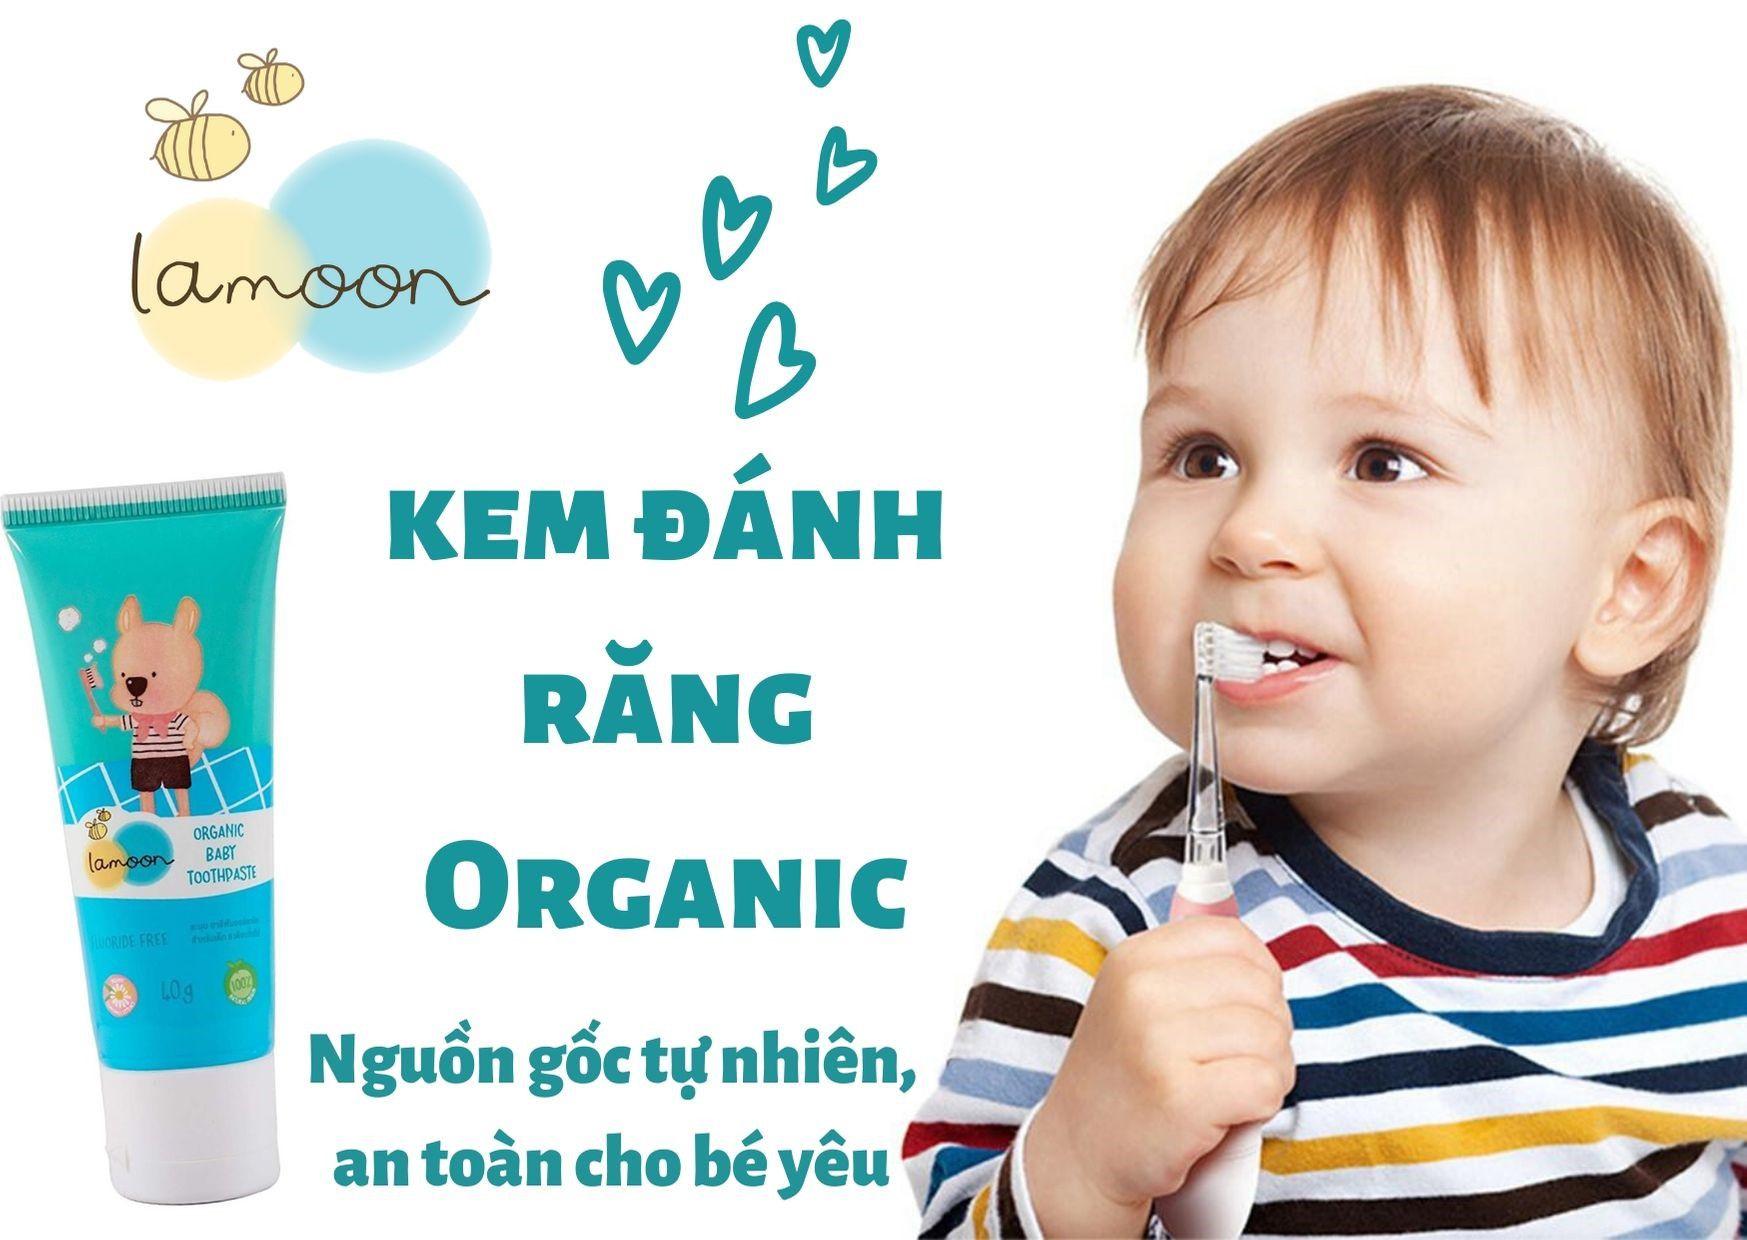 Kem Đánh Răng Organic cho bé Lamoon - 40g